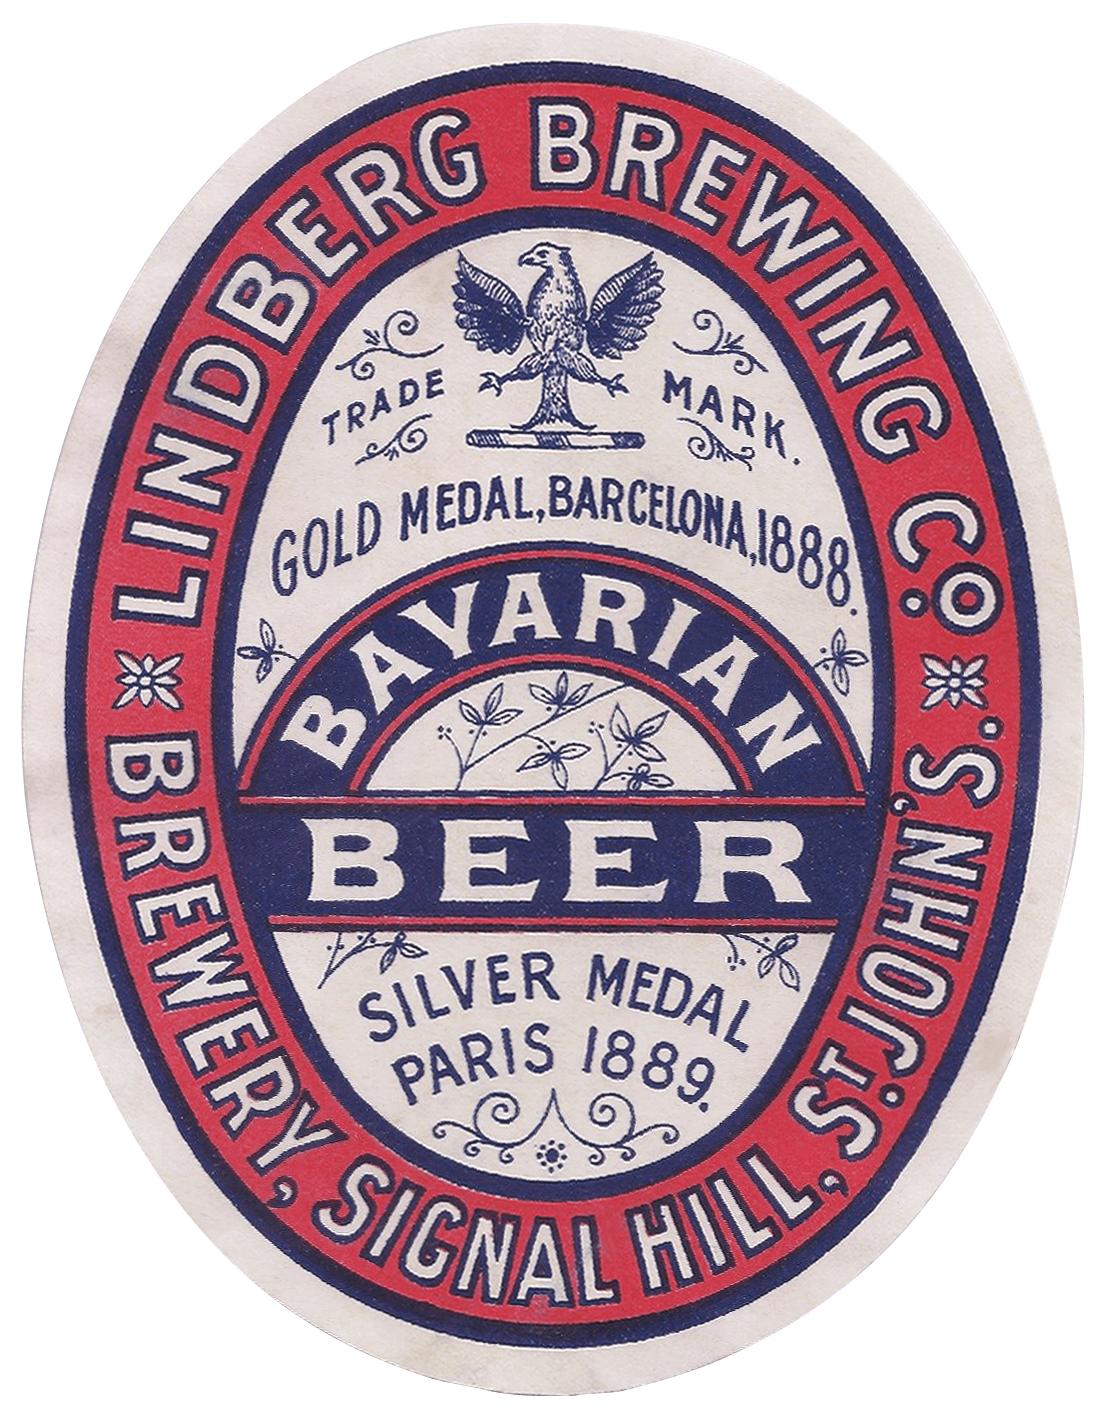 lindberg-bavarian-beer